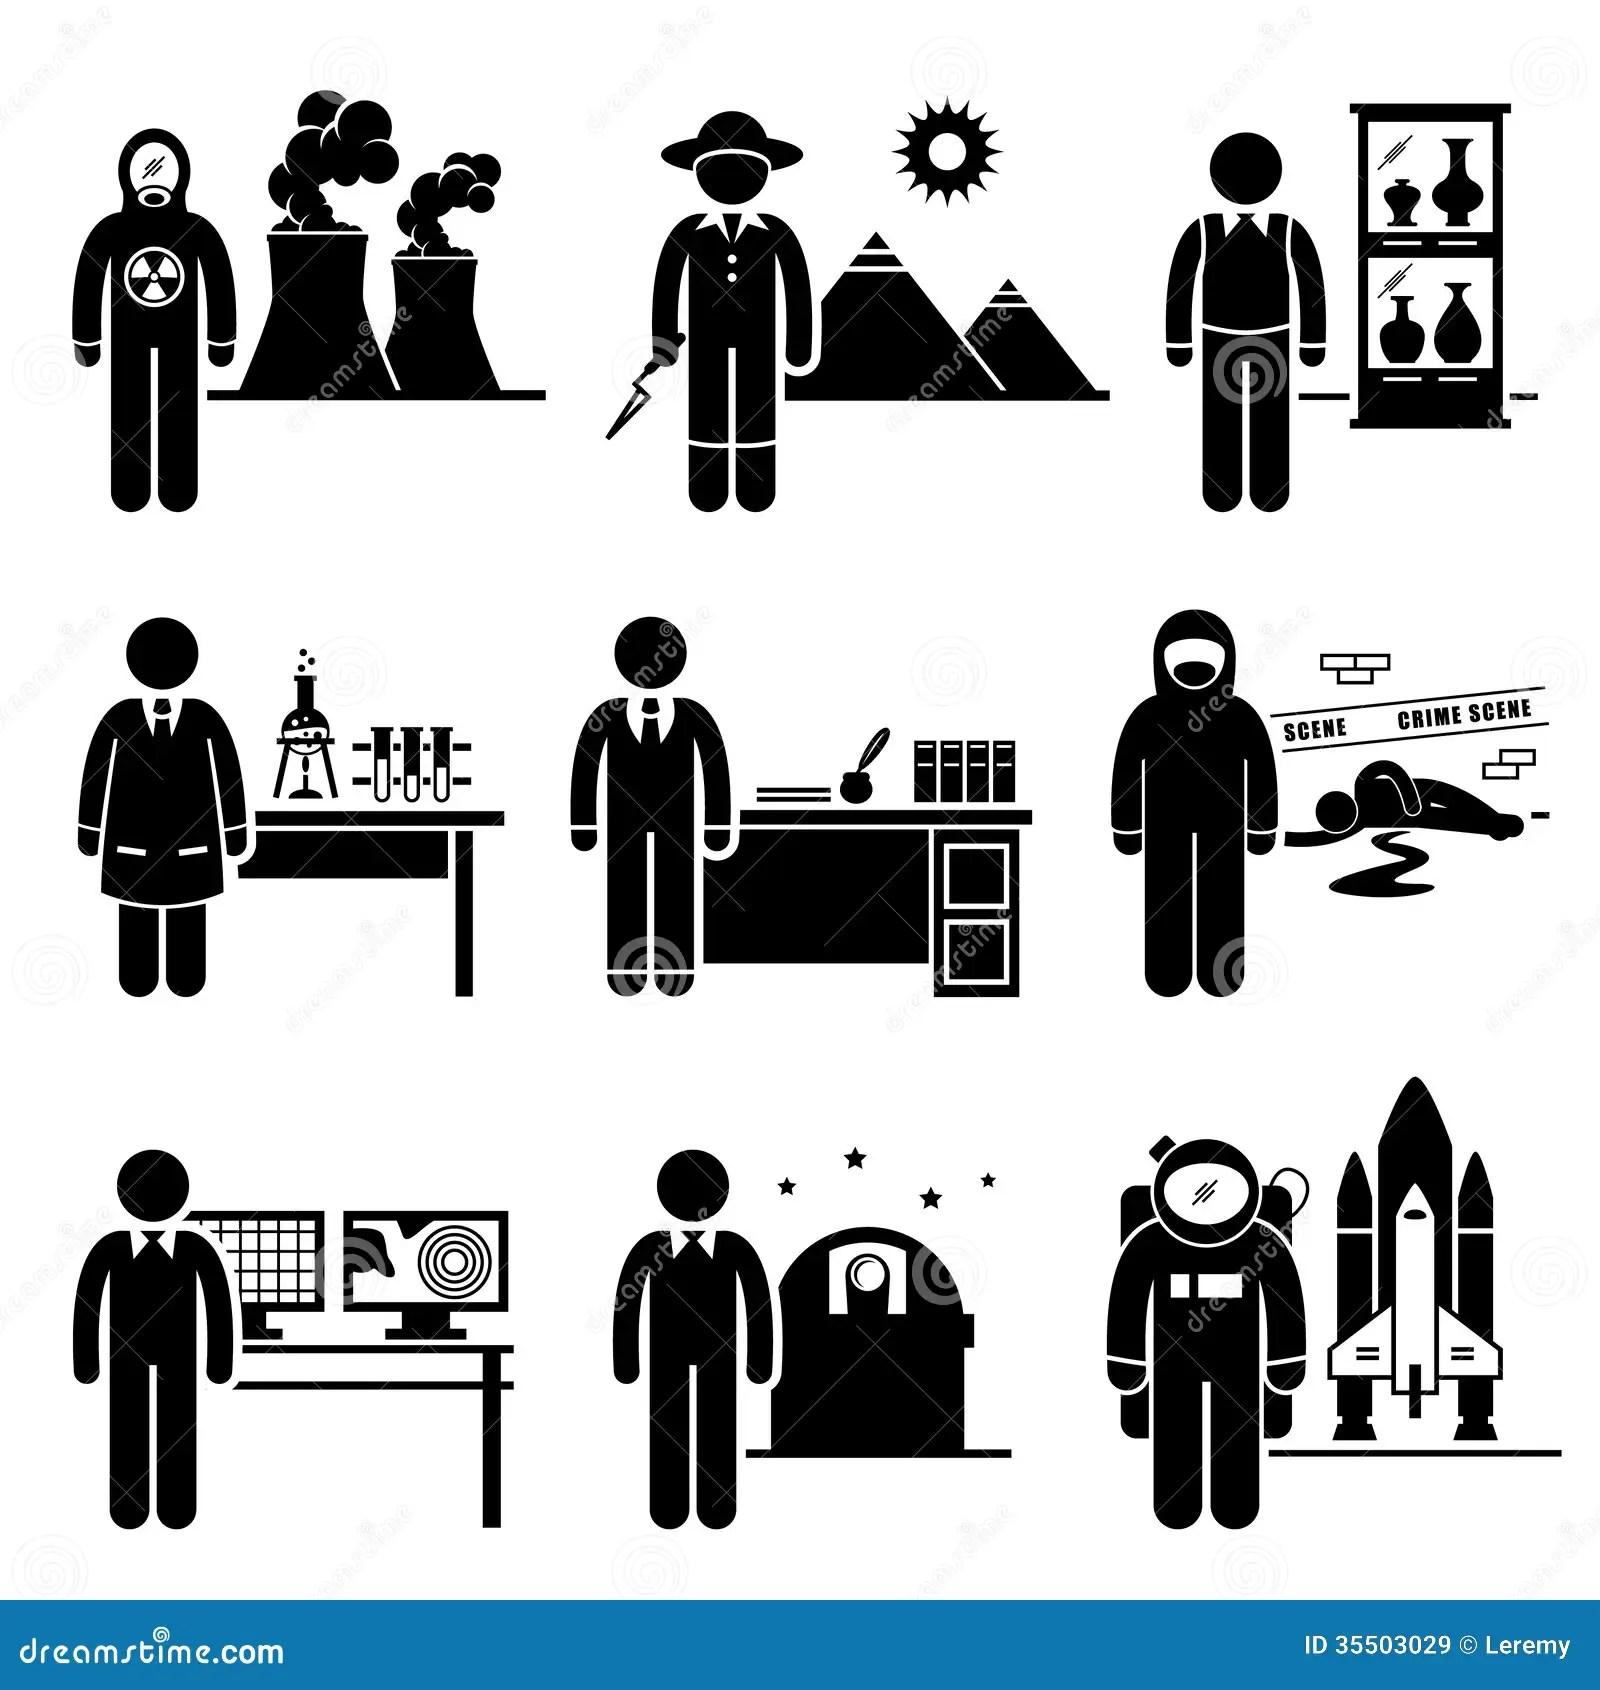 Scientist Professor Jobs Occupations Careers Stock Vector